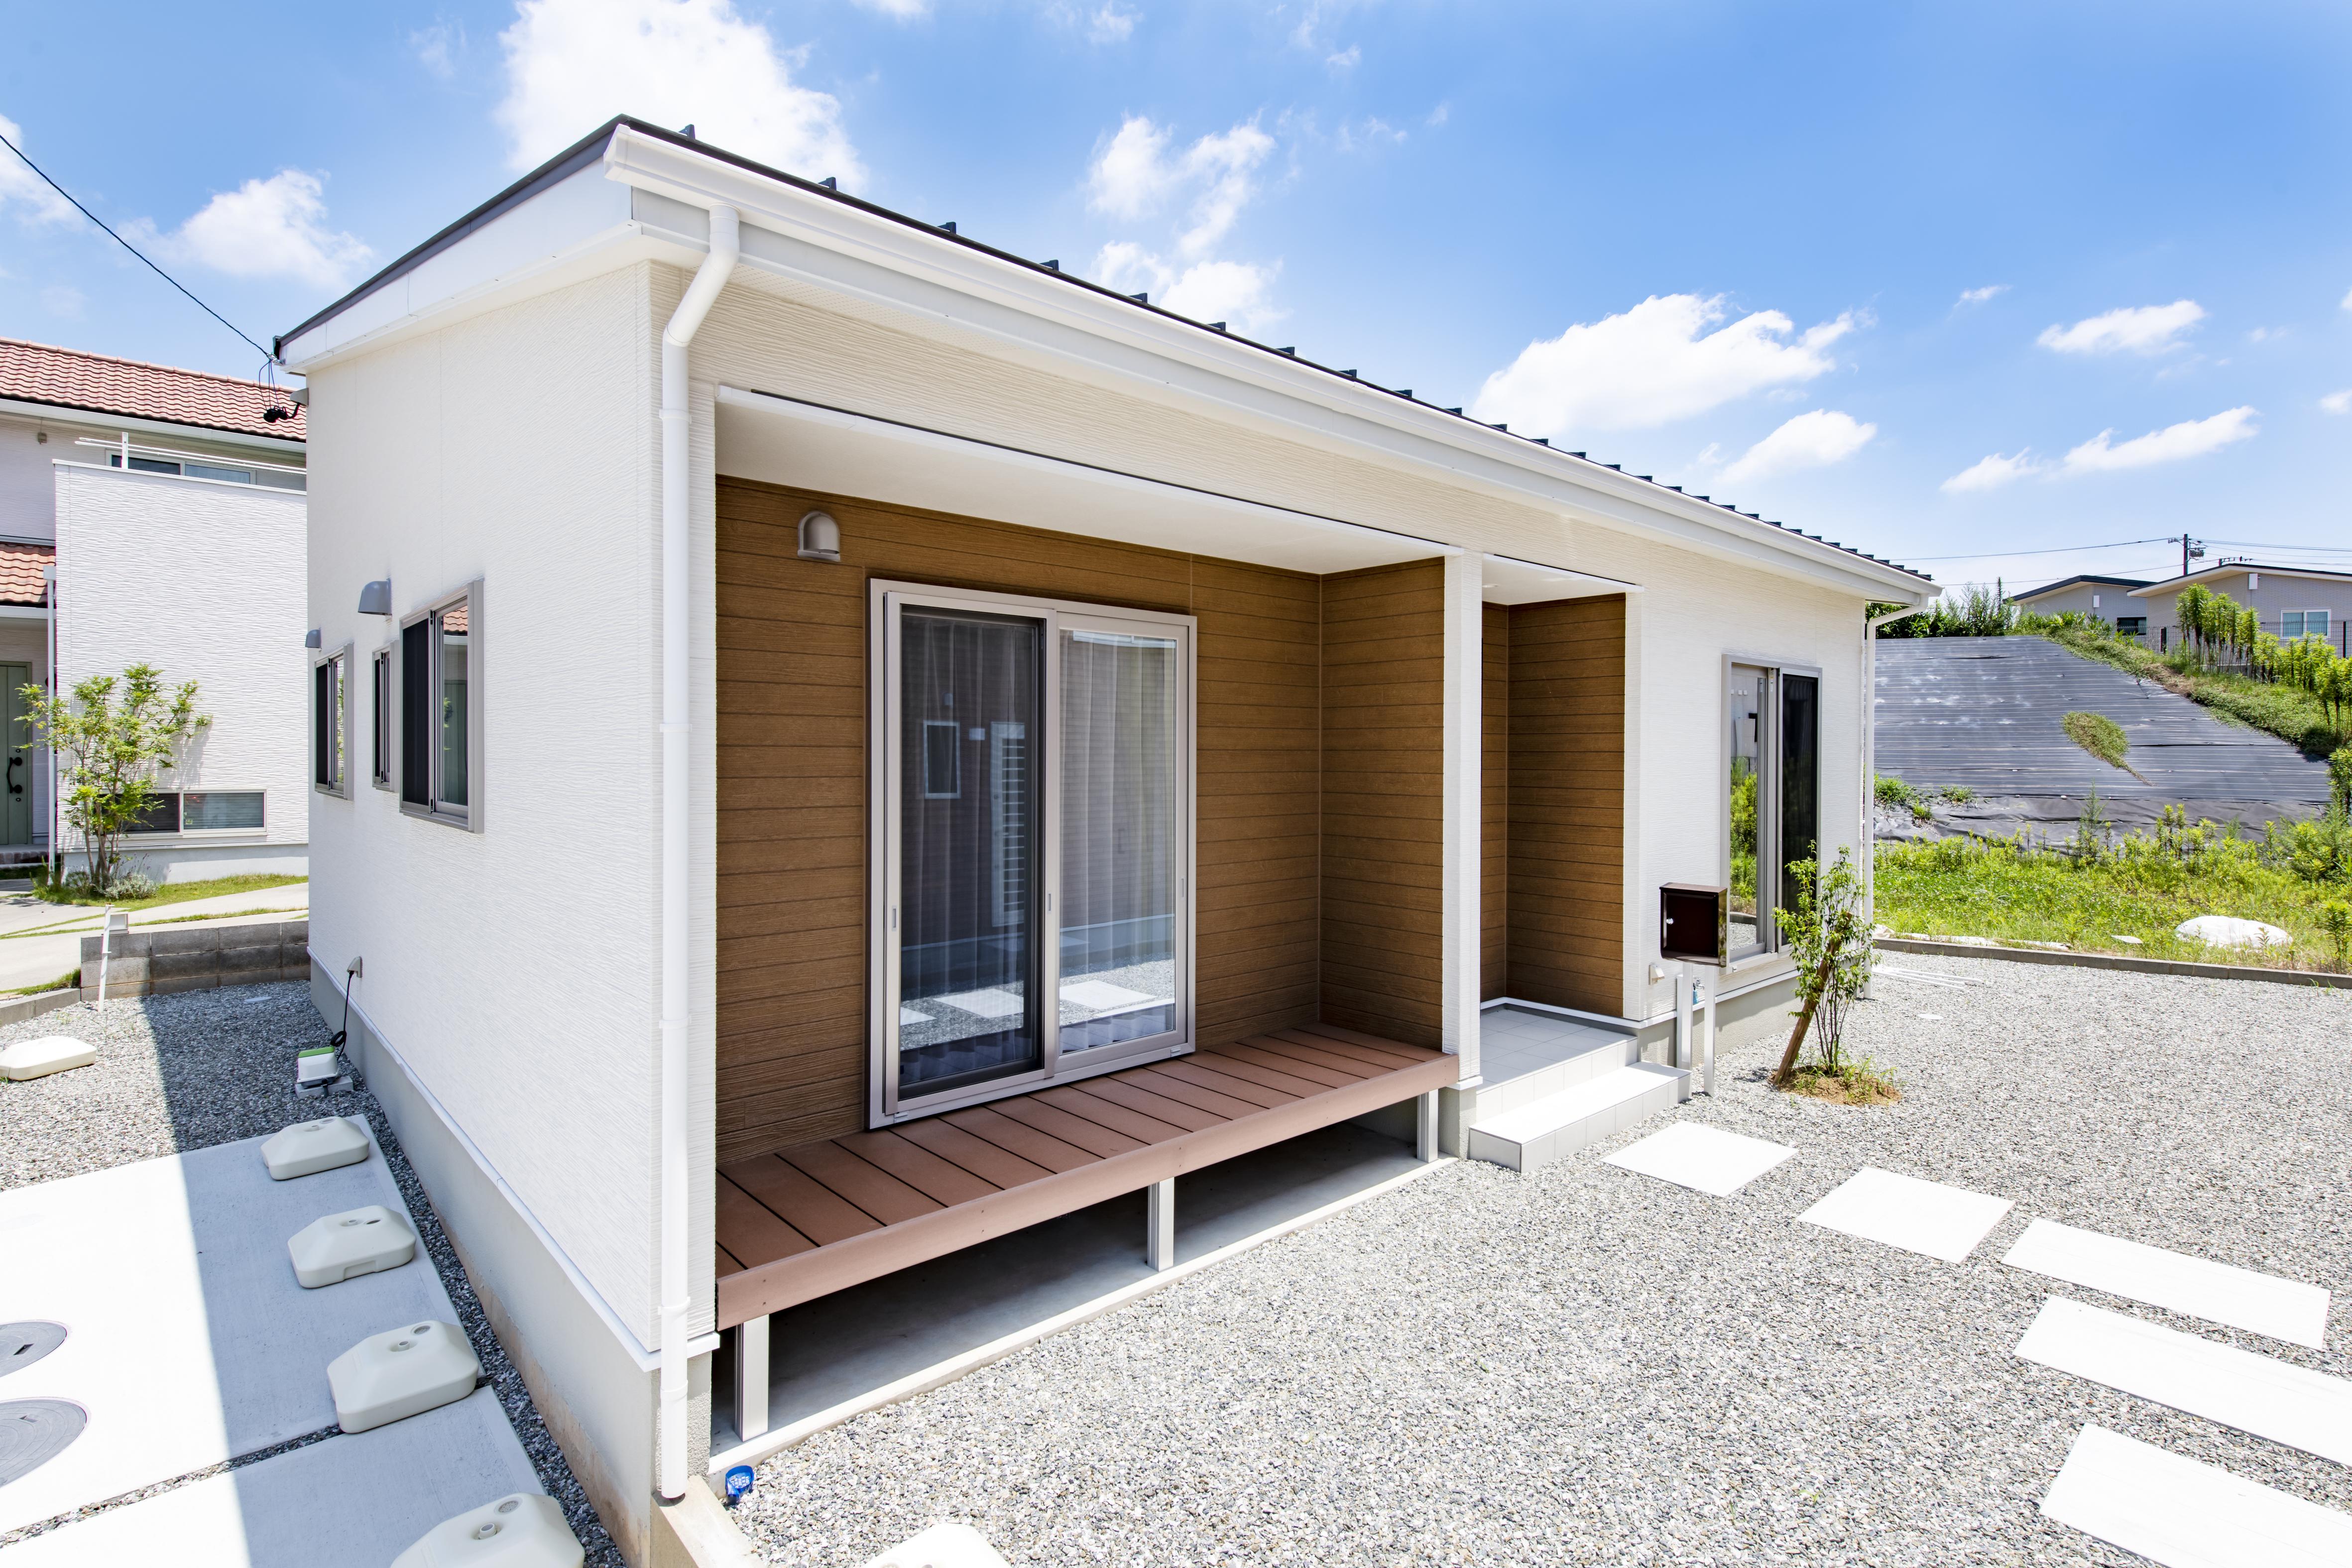 【平屋生活】湖西市岡崎◆新築平屋住宅 販売開始!